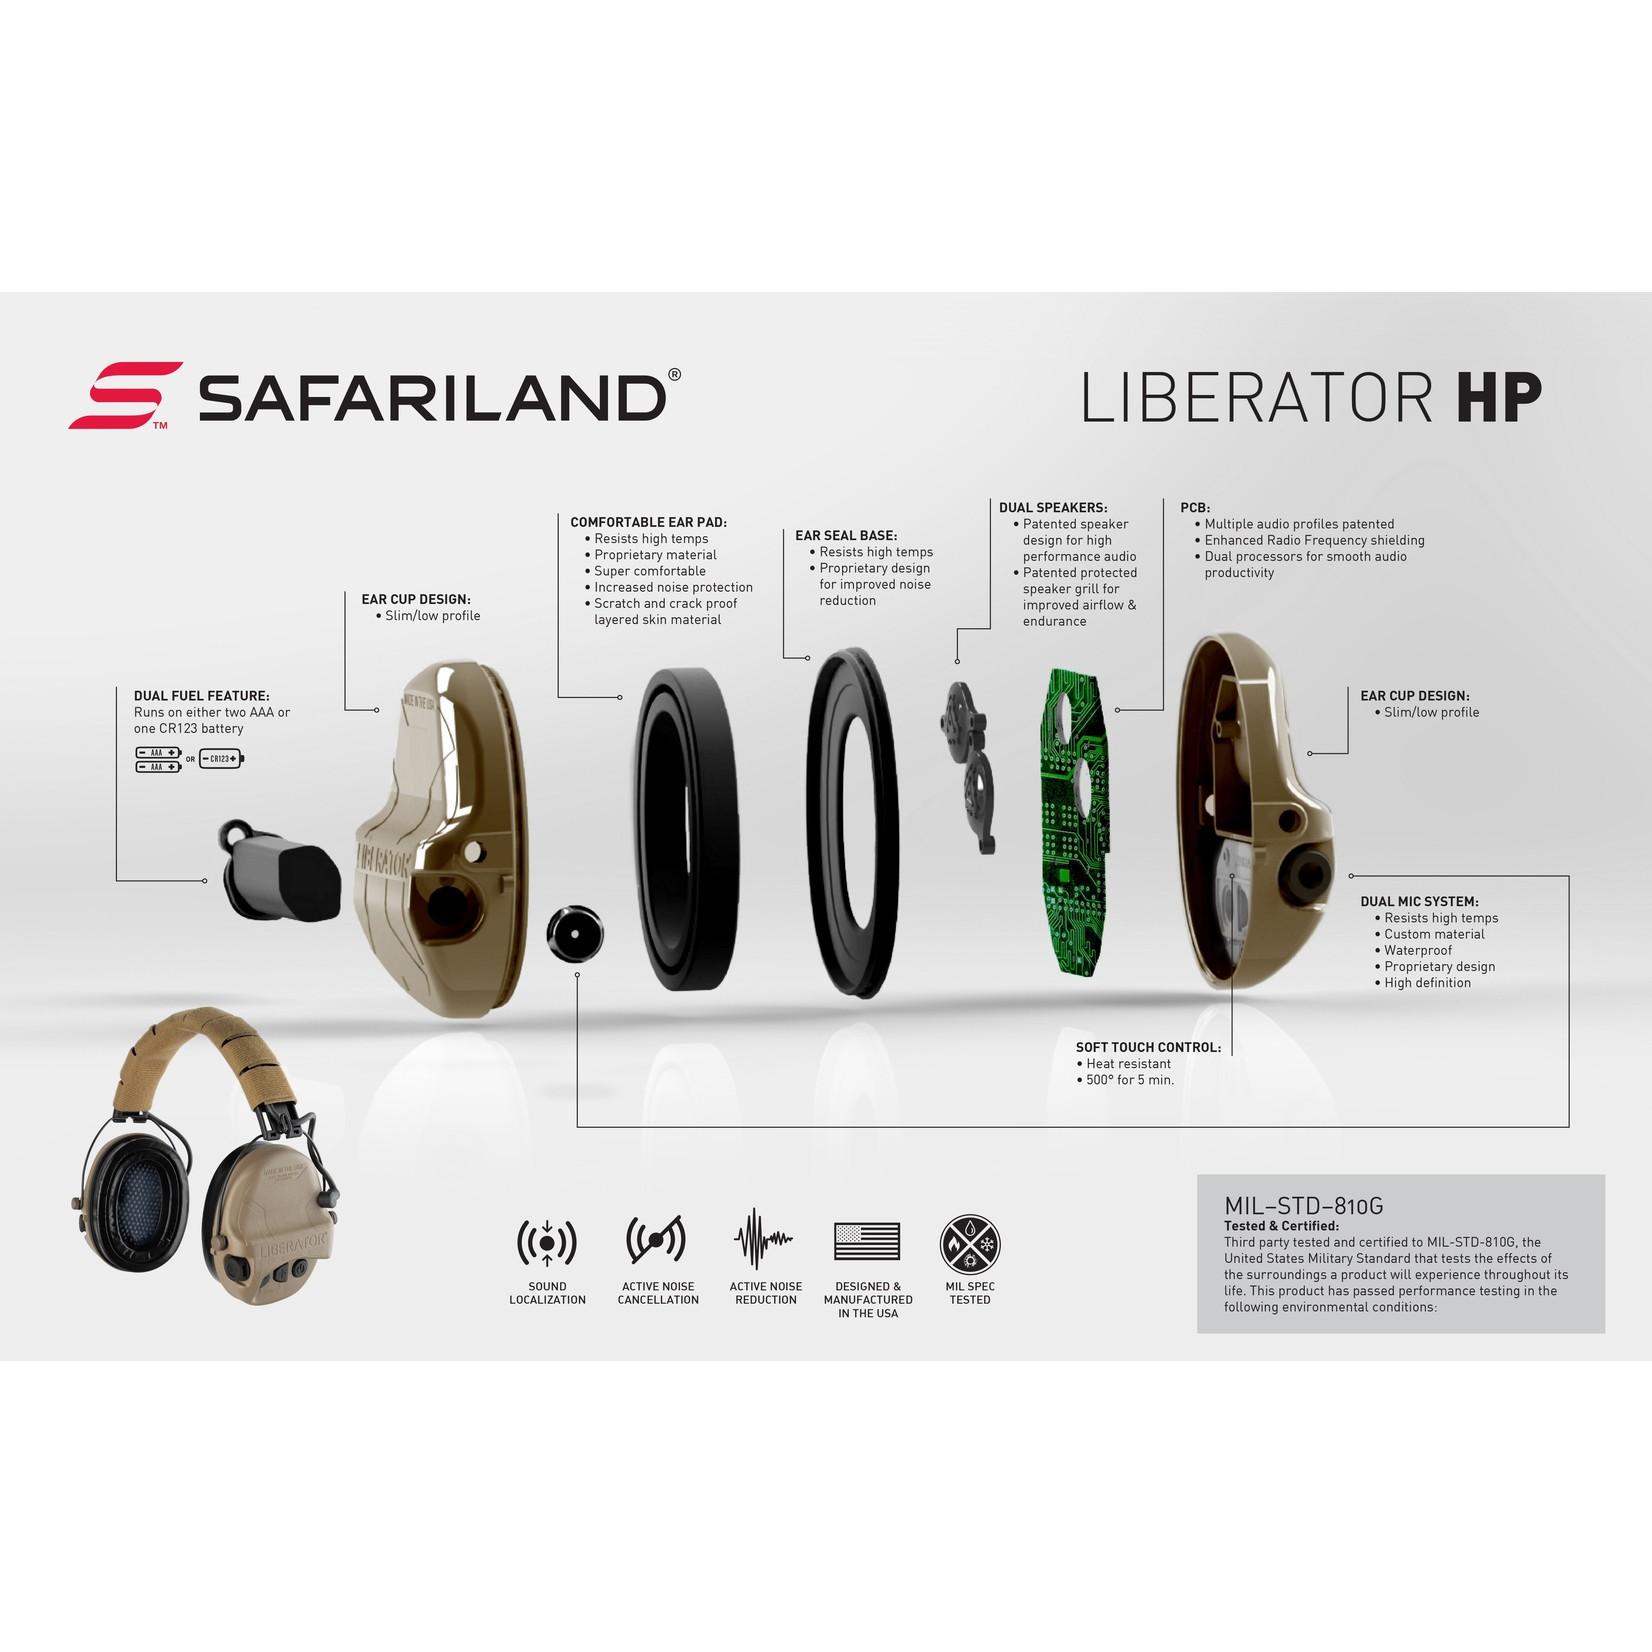 SAFARILAND LIBERATOR HP 2.0 HEARING PROTECTION